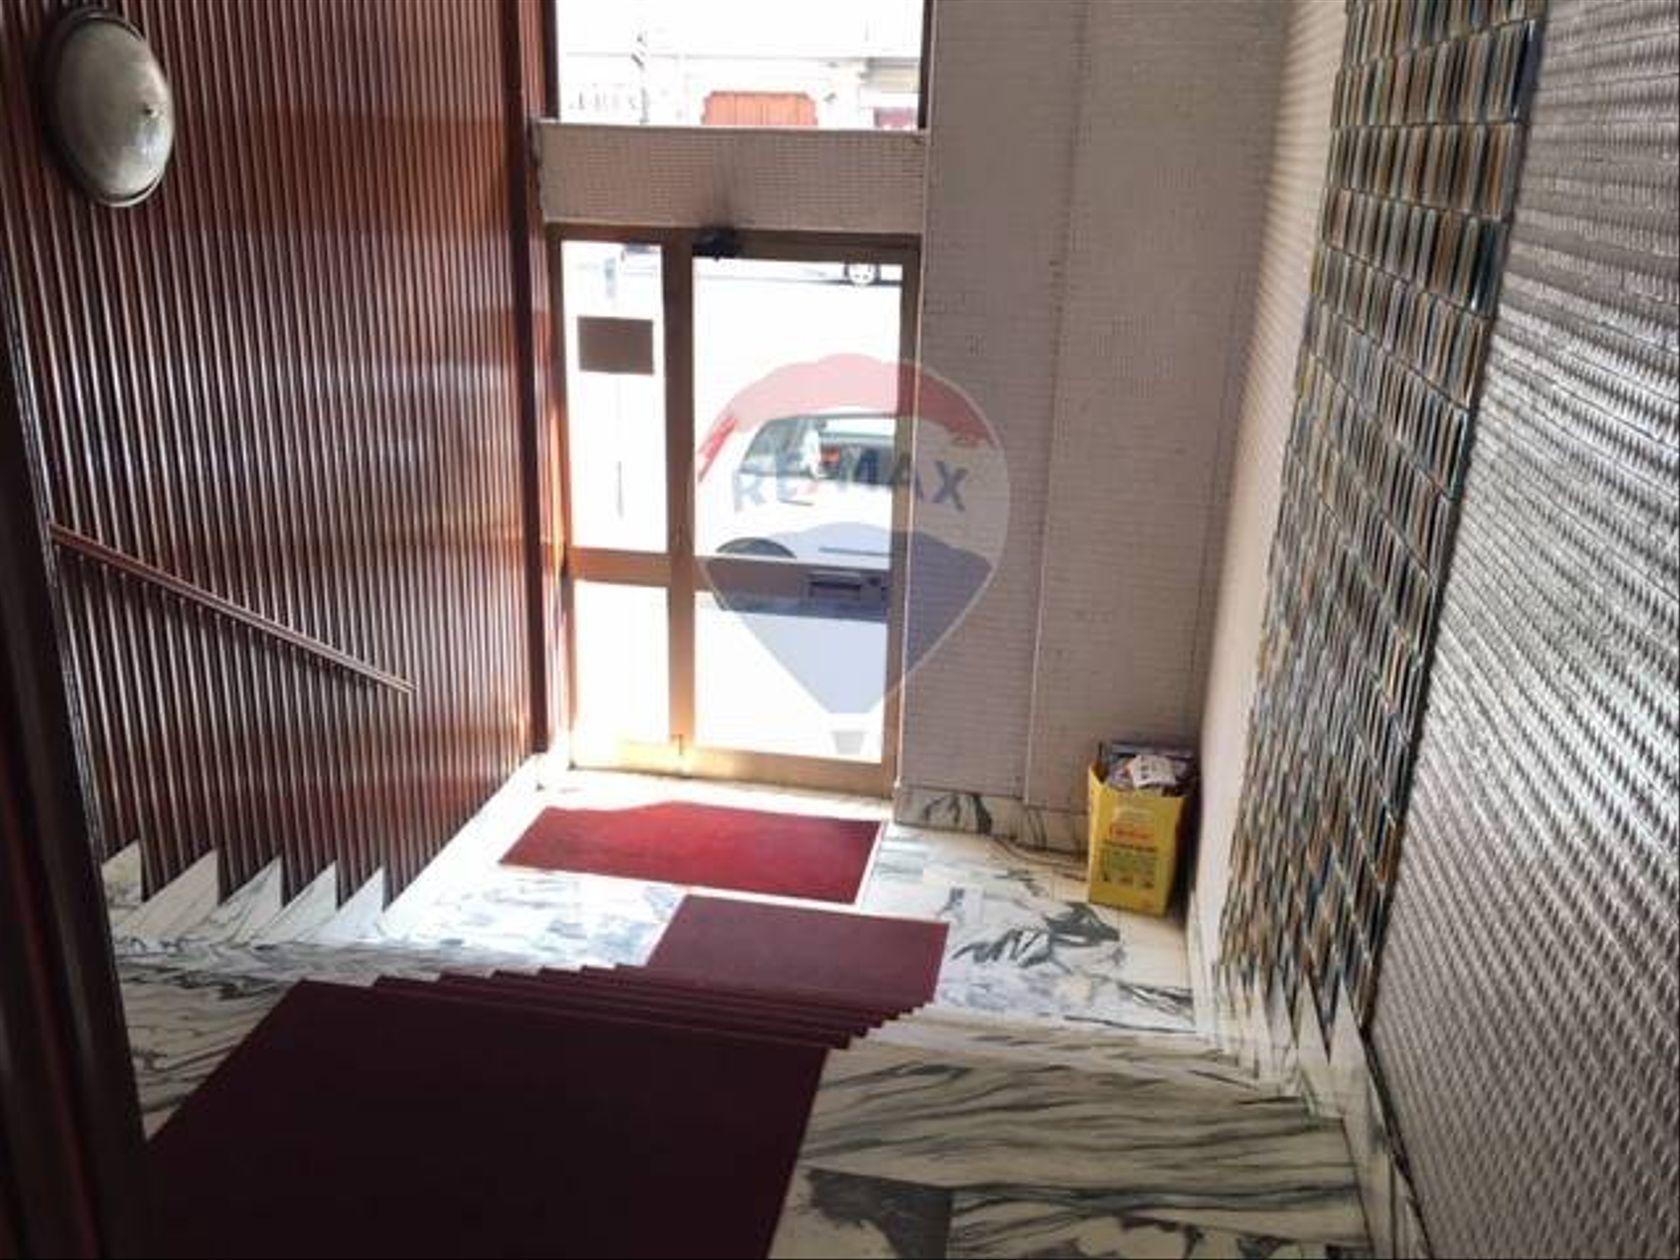 Appartamento Torino-barriera Di Milano Falchera Barca-bertolla, Torino, TO Vendita - Foto 22